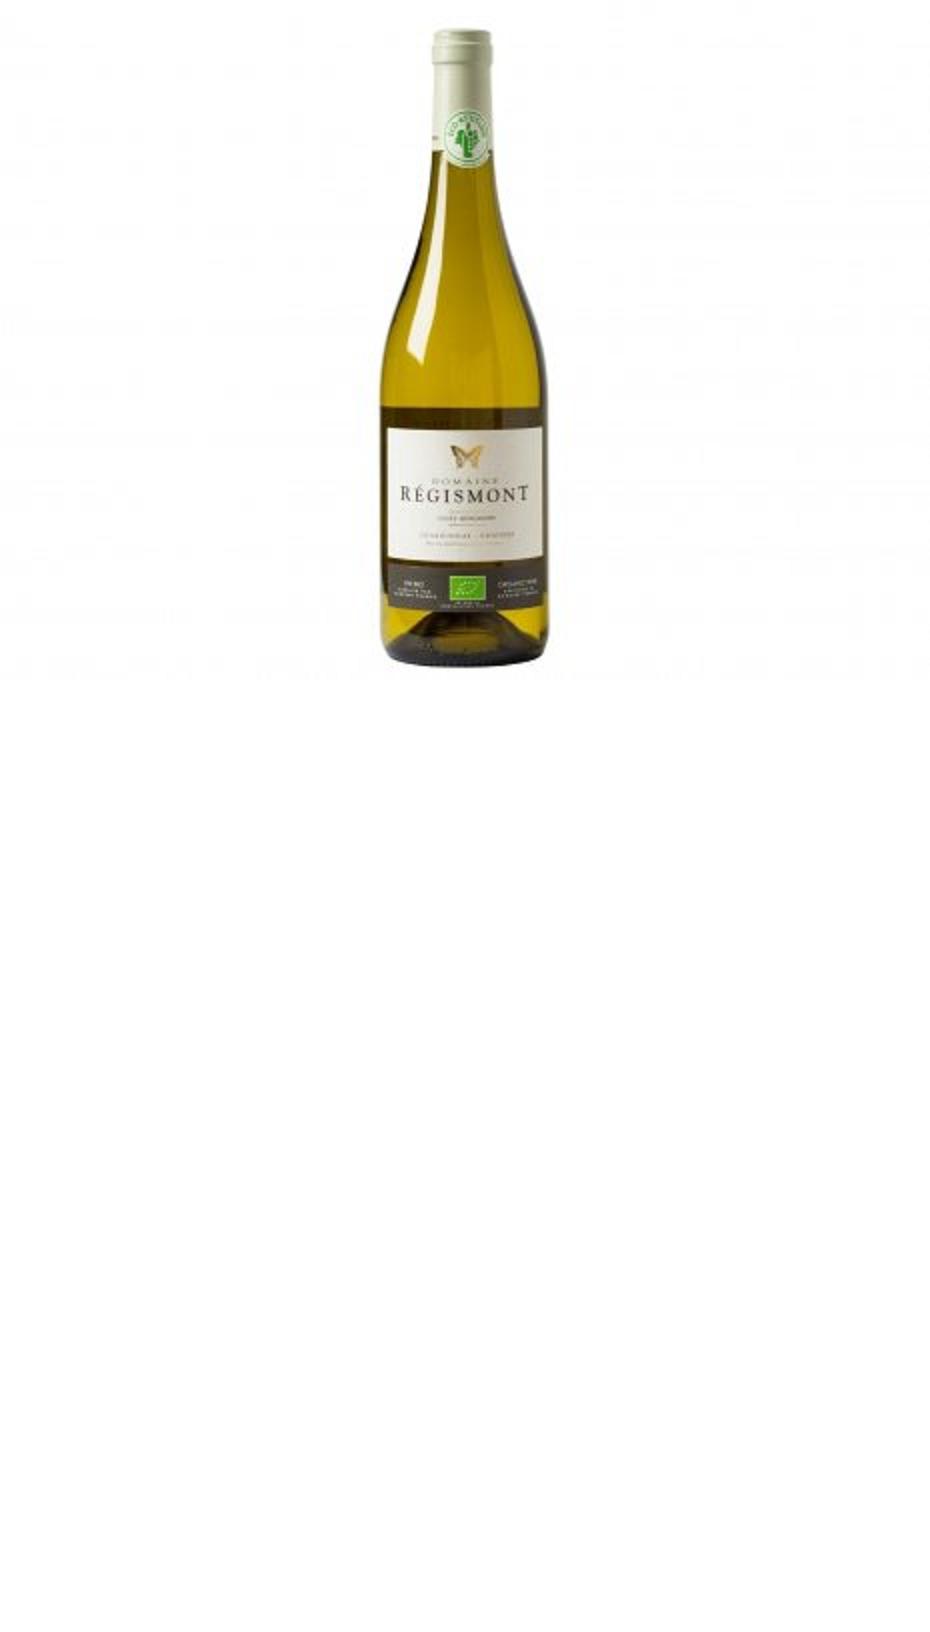 REGISMONT BLANC biologisch witte wijn